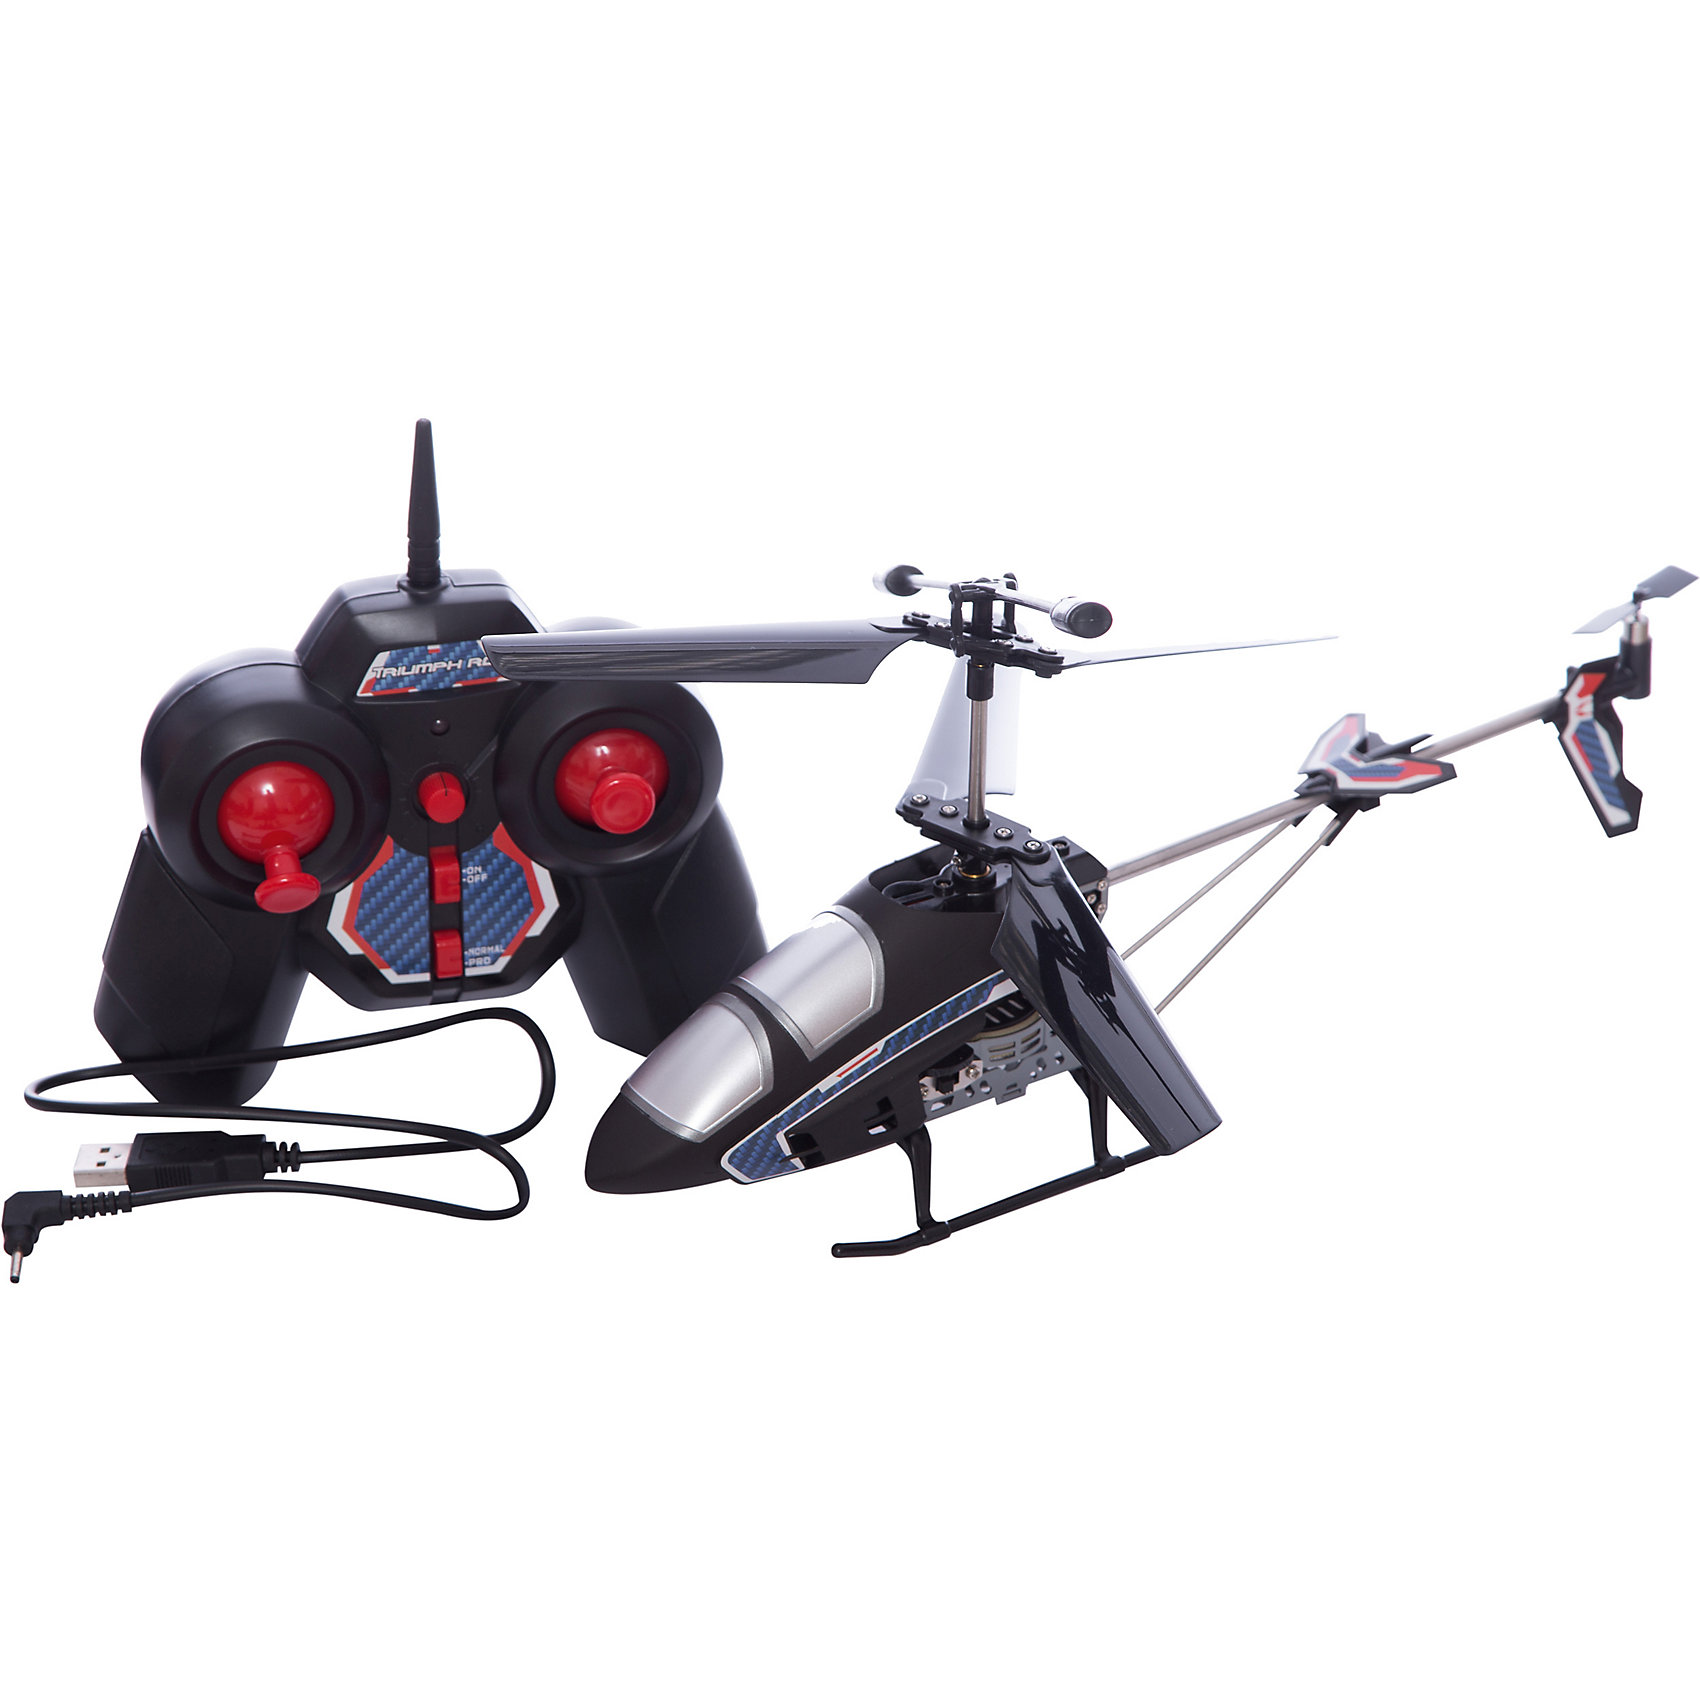 Вертолет Триумф на р/у, Властелин небесРадиоуправляемый транспорт<br>Вертолет Триумф на р/у, Властелин небес<br><br>Характеристики:<br><br>• 3 канала управления<br>• летает вверх, вниз, вперёд, назад и вбок<br>• переворачивается и зависает в воздухе<br>• яркий прожектор<br>• время игры: 6 минут<br>• время зарядки: 50 минут<br>• дальность действия: до 50 метров<br>• частота: 2.5 МГц<br>• аккумулятор: 3.7 Li-poli<br>• размер: 30х6х15 см<br>• вес: 1,2 кг<br>• размер упаковки: 56х9х18 см<br>• 9V Крона - 1 шт. (не входит в комплект)<br><br>Радиоуправляемый вертолёт Триумф отлично подойдет для весёлых игр во время прогулки. Дальность действия составляет 50 метров, что позволяет управлять вертолетом, не сходя с места. Триумф движется в любых направлениях, а также разворачивается и зависает в воздухе. Стабильность полёта обеспечивает встроенный гироскоп. Время игры при полной зарядке - 6 минут. Время подзарядки - до 50 минут. Игрушка имеет стильный и привлекательный дизайн. Ко всему прочему, игрушка имеет функцию турбо ускорения, которая позволяет ей совершать различные пируэты на высокой скорости.<br>Для работы необходима батарейка 9V Крона (не входит в комплект).<br><br>Вертолет Триумф на р/у, Властелин небес можно купить в нашем интернет-магазине.<br><br>Ширина мм: 95<br>Глубина мм: 550<br>Высота мм: 175<br>Вес г: 575<br>Возраст от месяцев: 144<br>Возраст до месяцев: 2147483647<br>Пол: Мужской<br>Возраст: Детский<br>SKU: 5397109